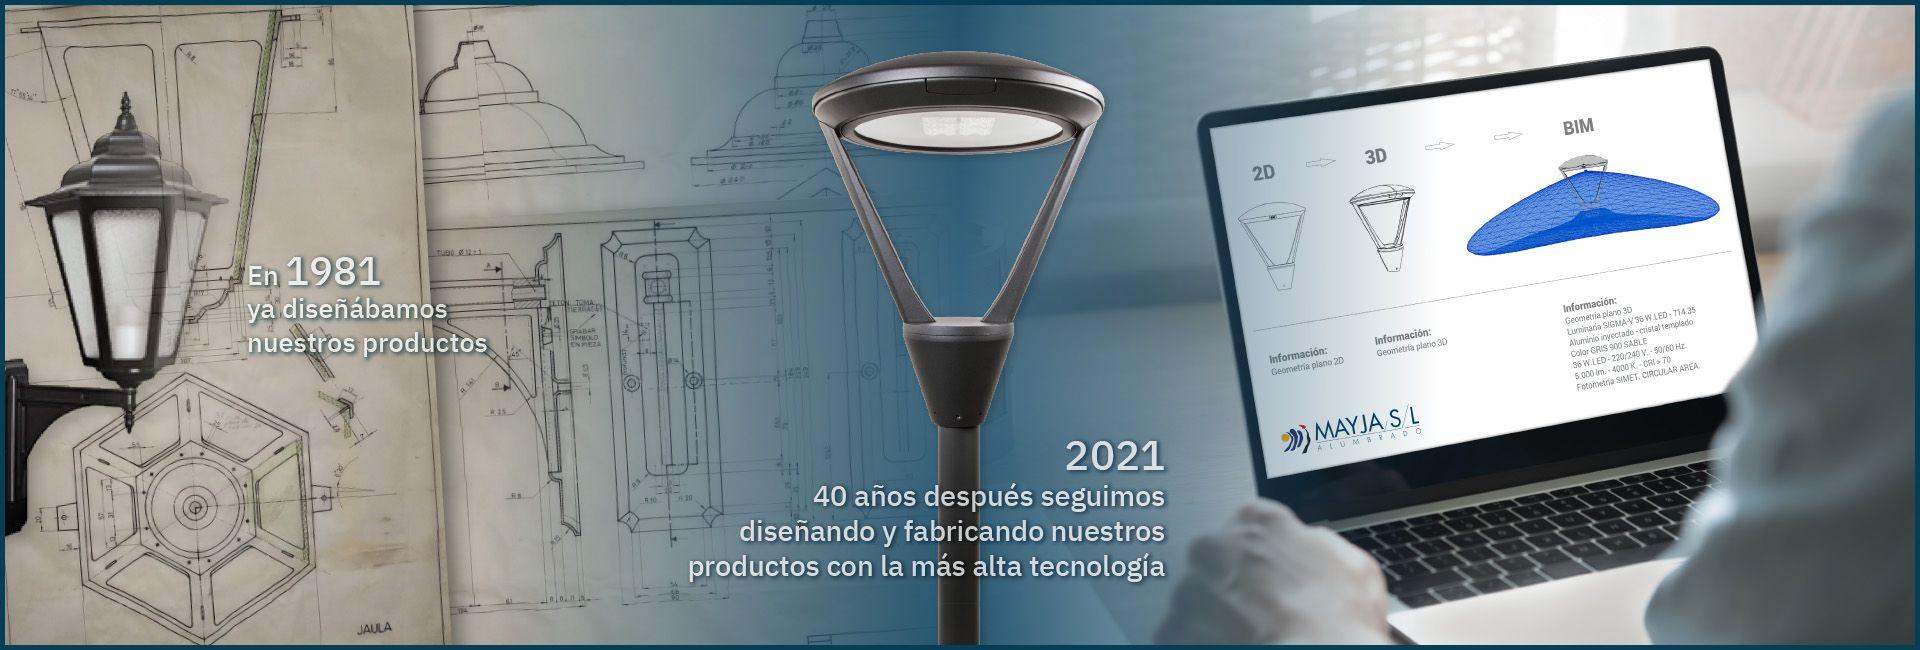 Desde 1981 DISEÑANDO y FABRICANDO nuestros productos con la más alta tecnología